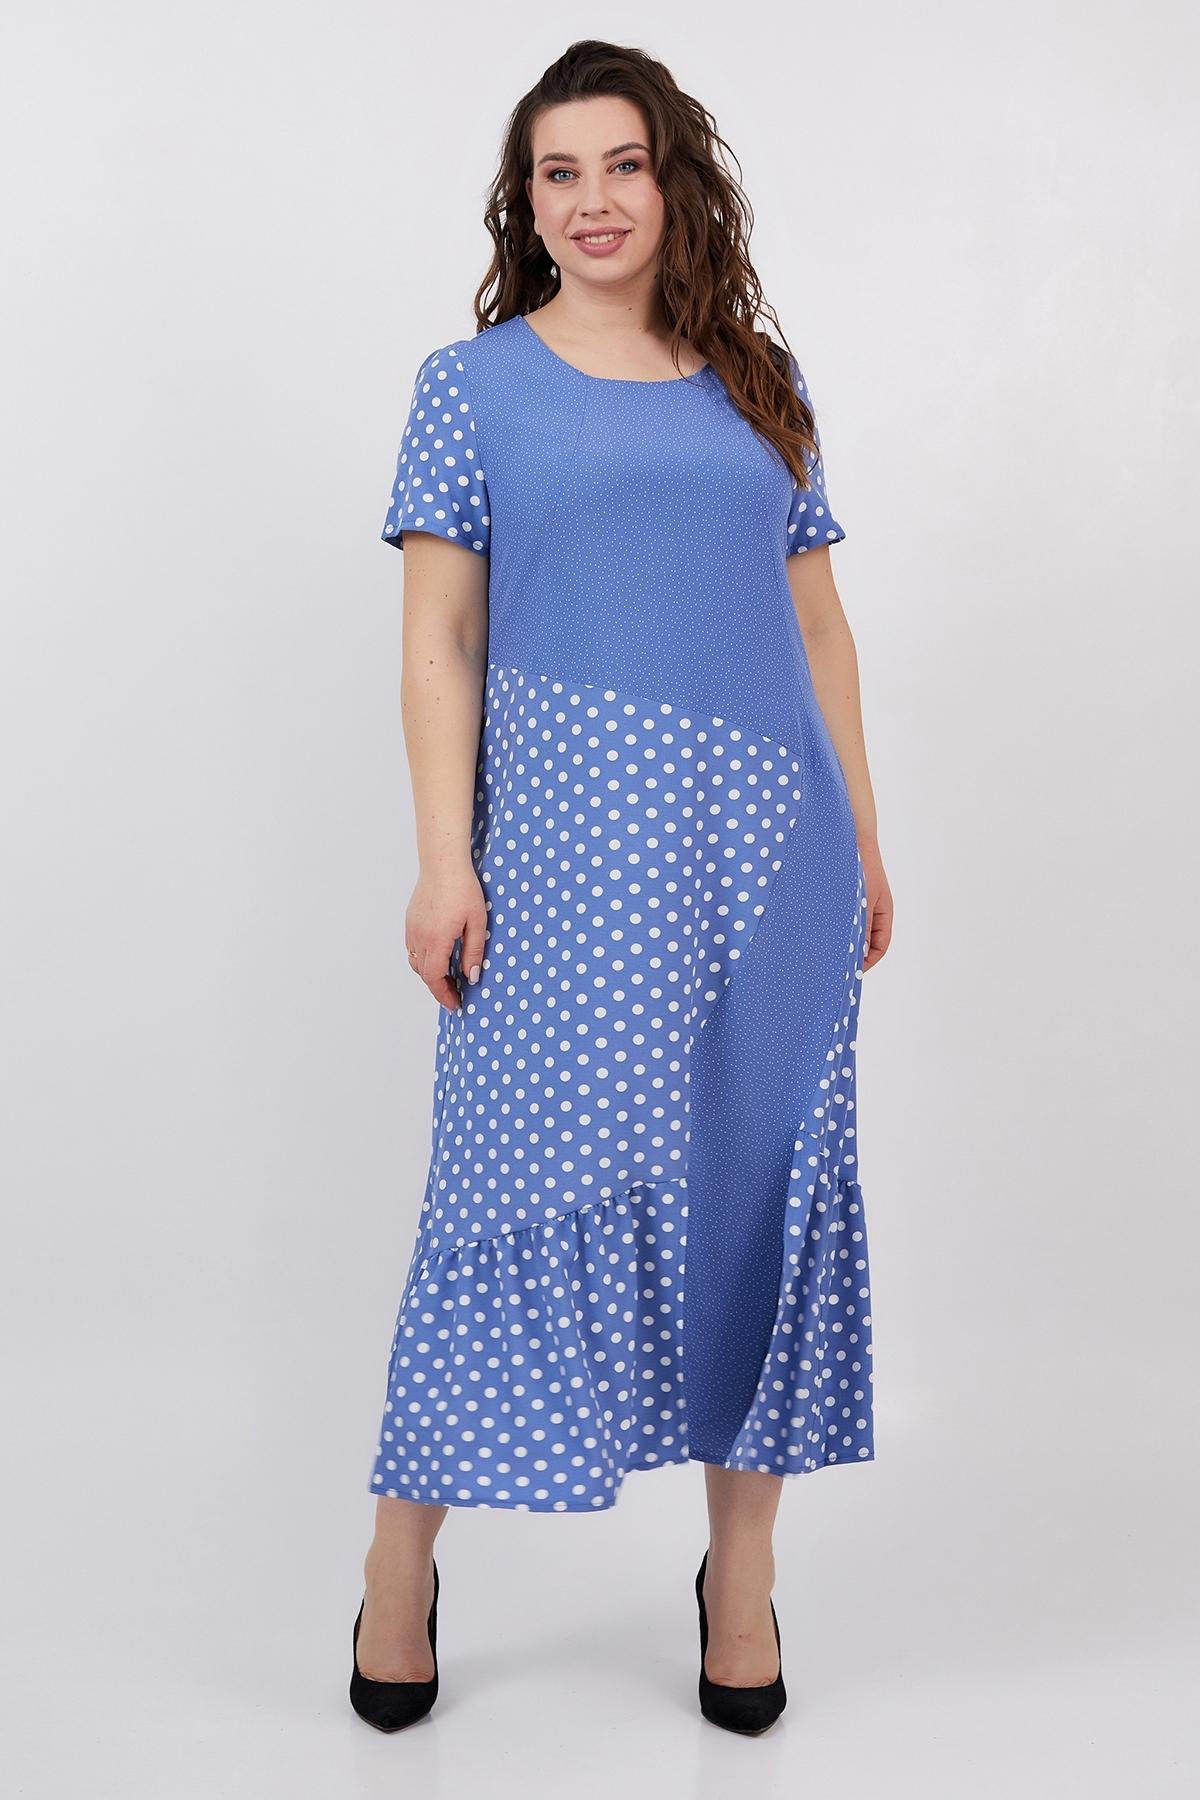 Сукня Магдалина (блакитний)